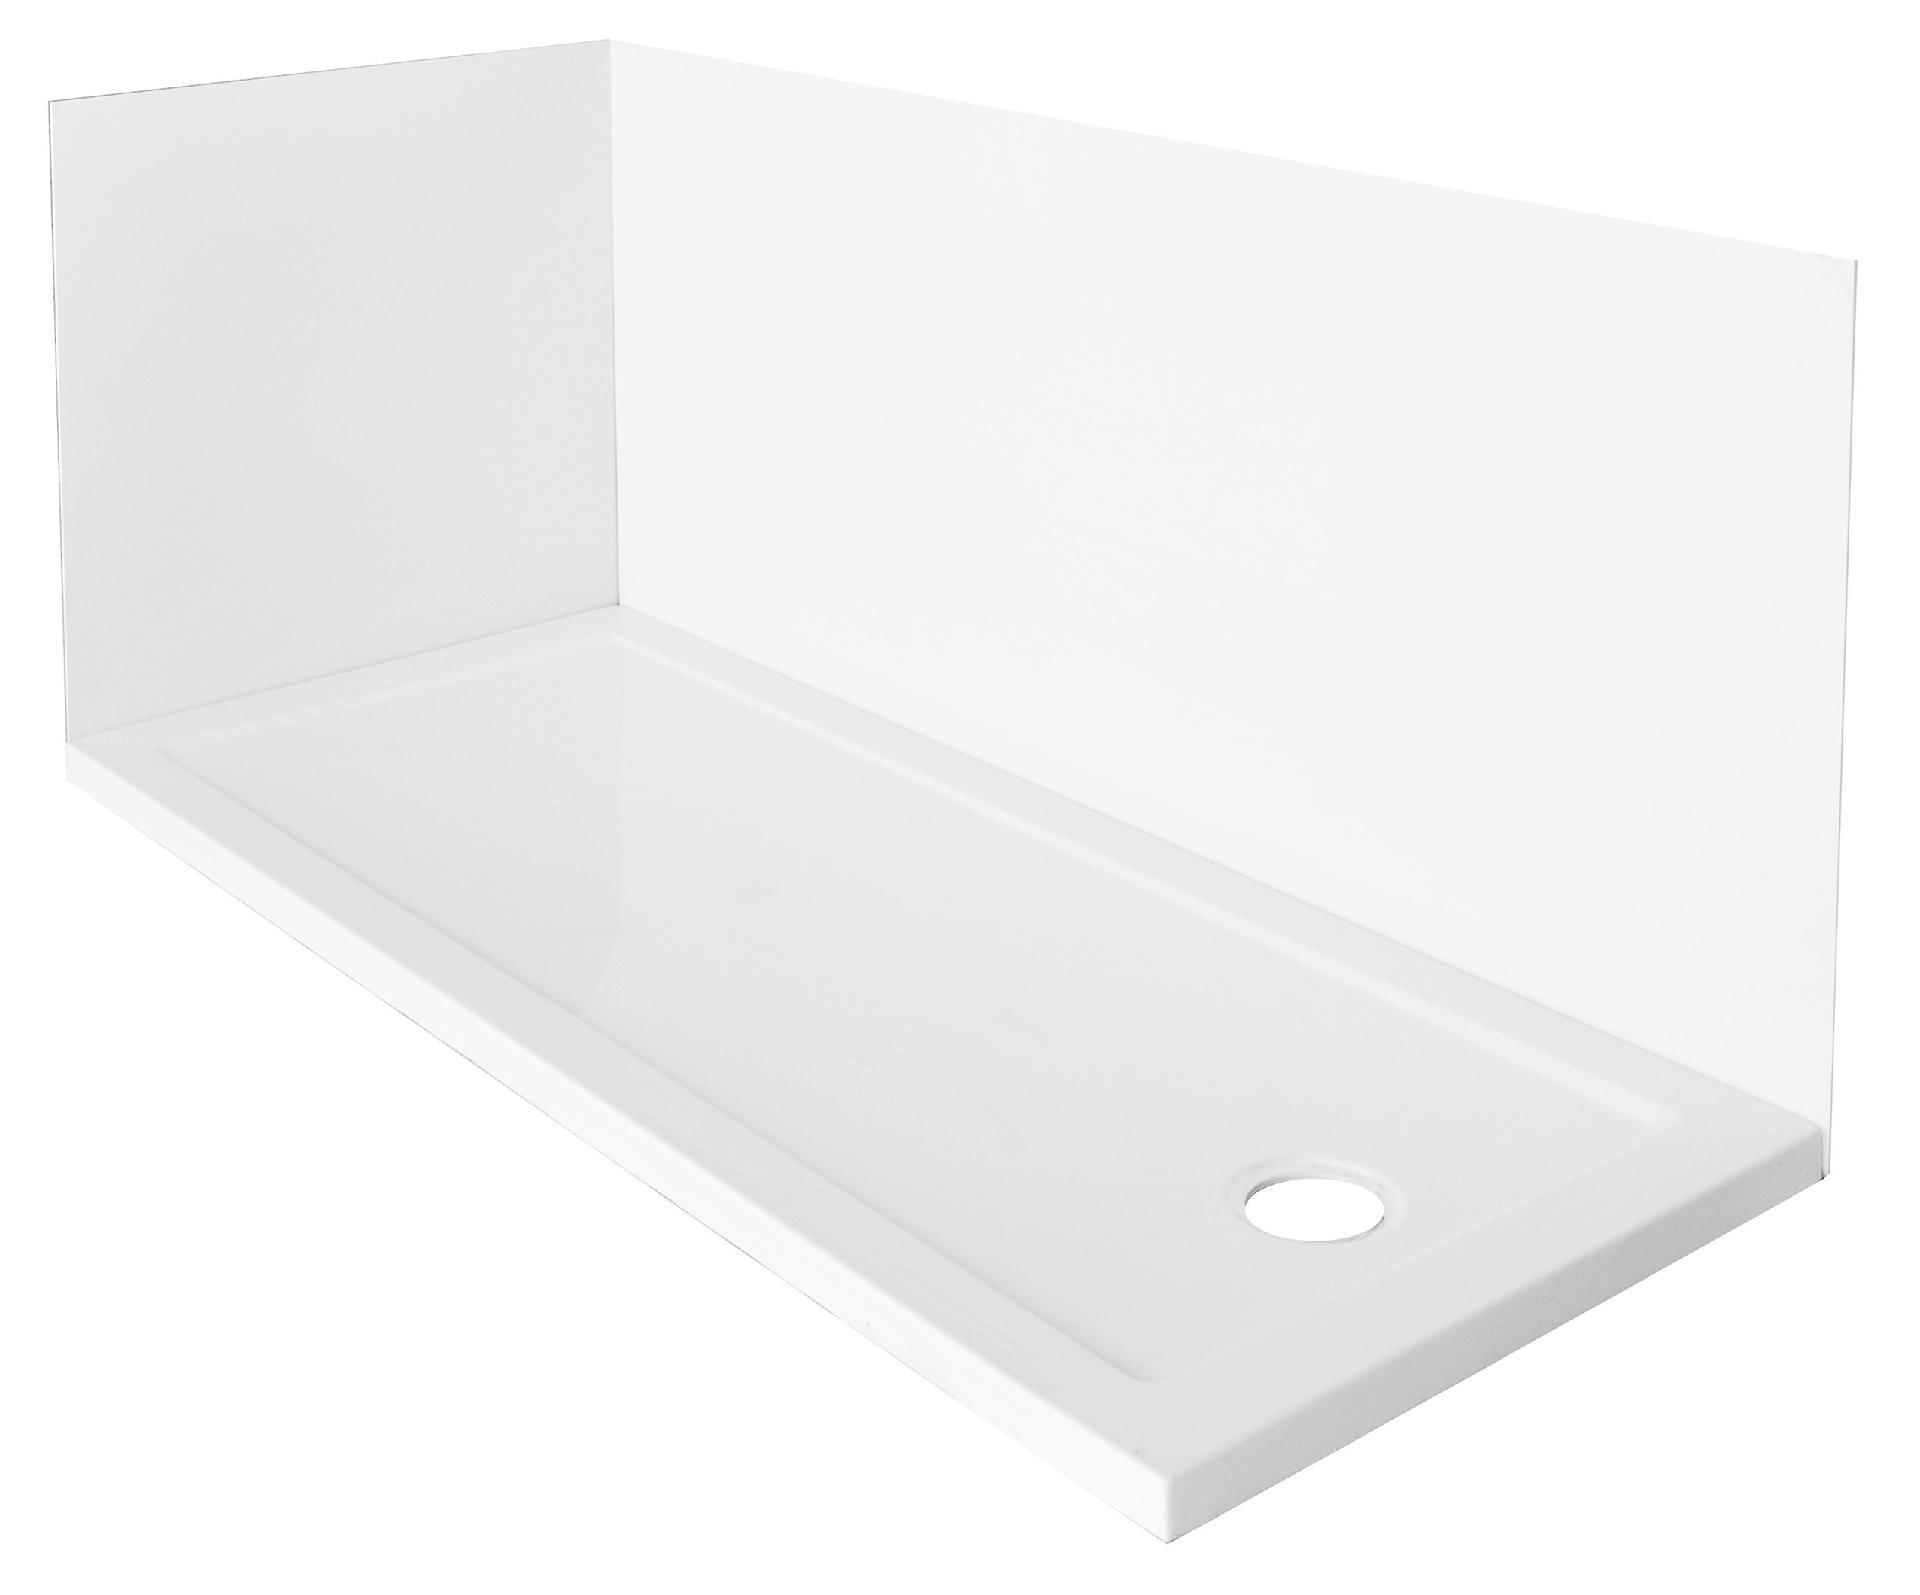 Pannelli Per Vasca Doccia.Kit Completo Sostituzione Vasca Con Pannelli Dianhydro 179 Vksv